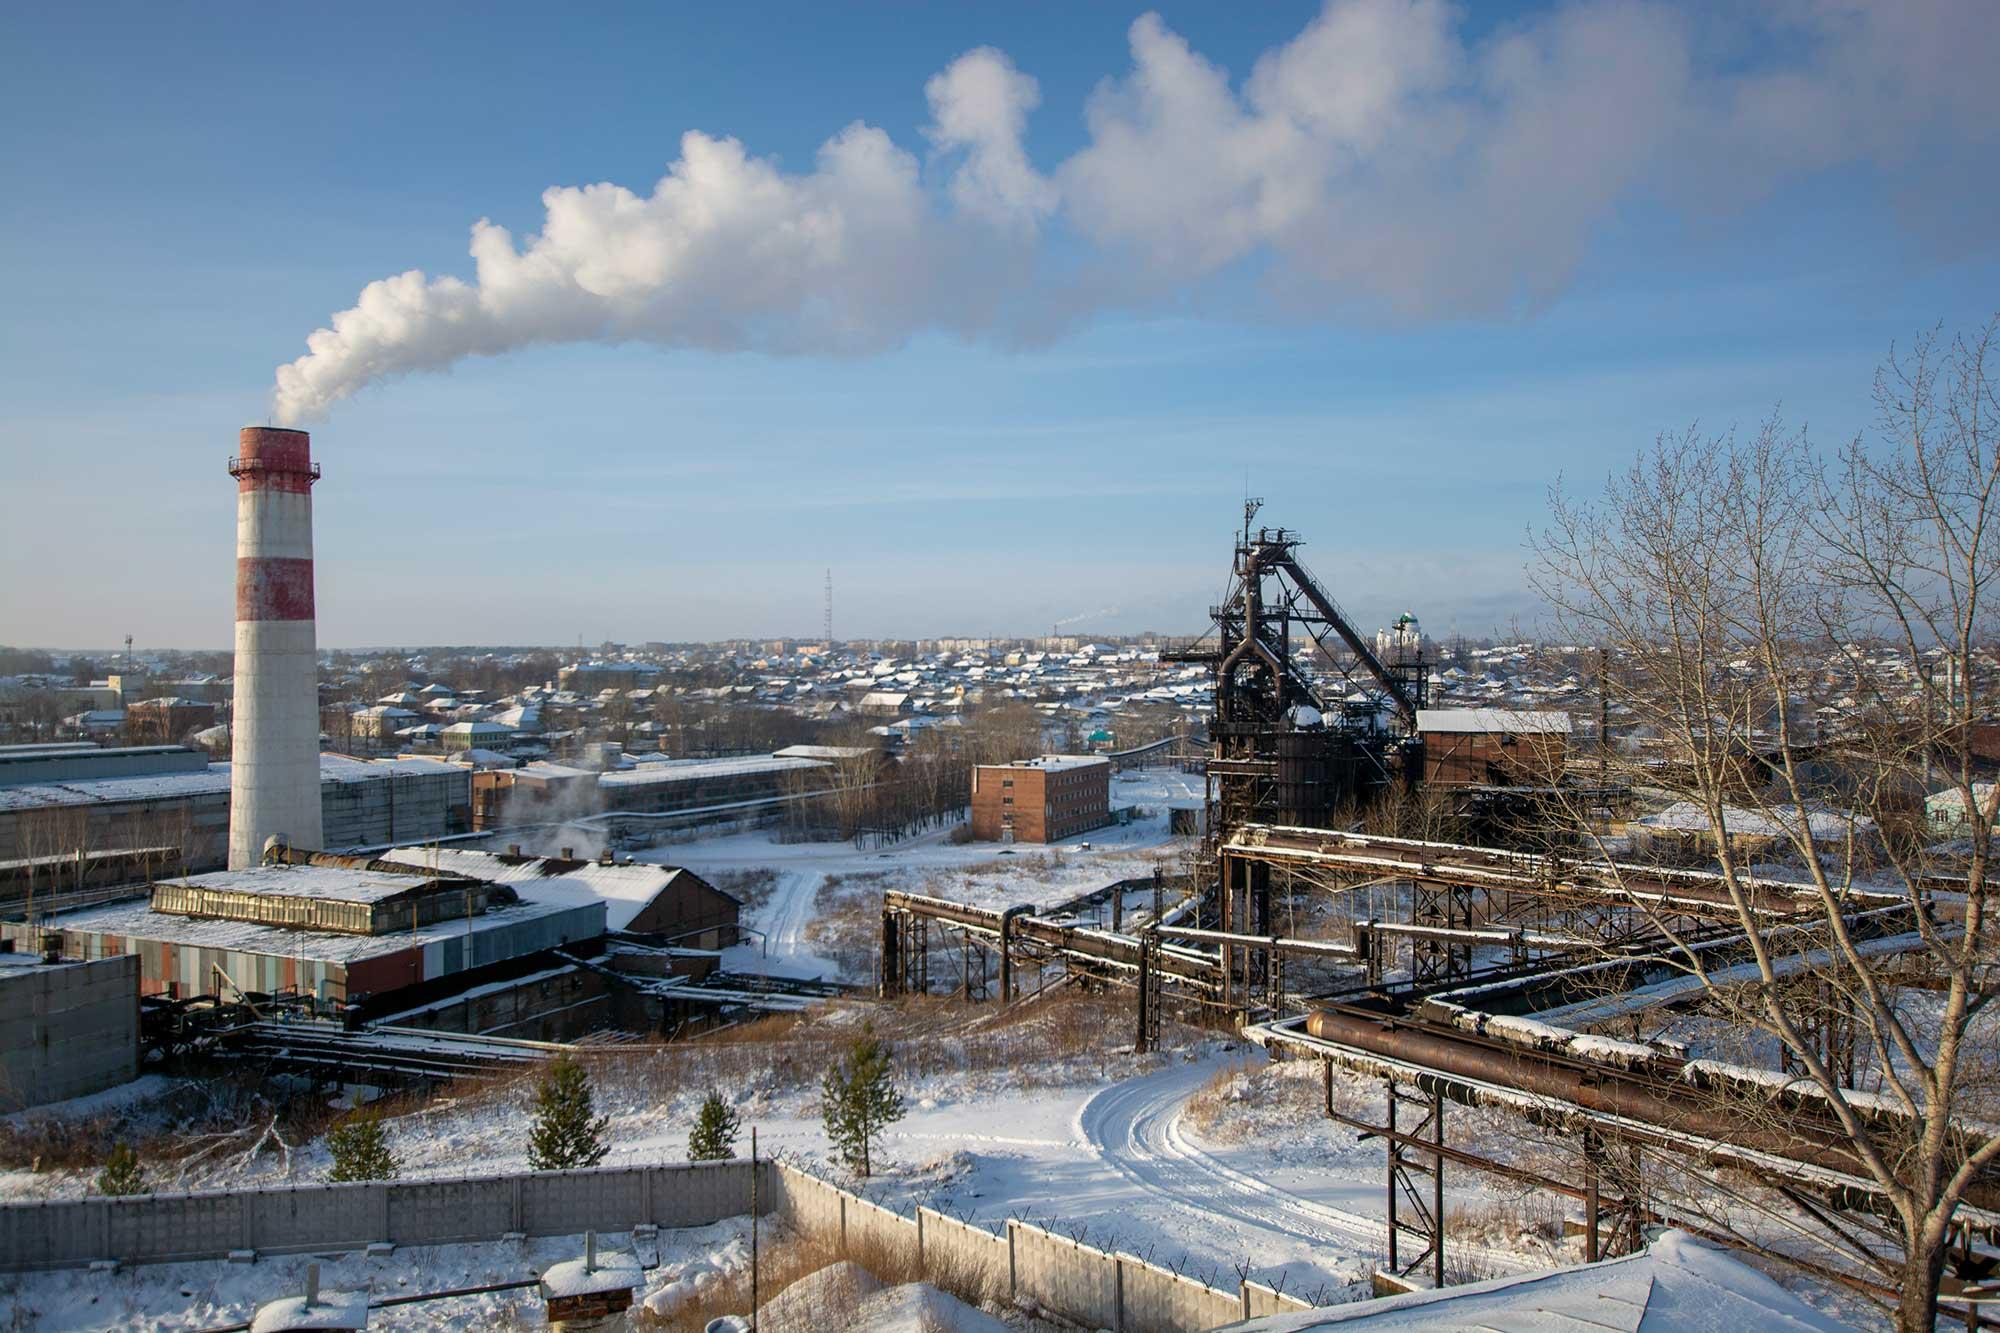 Нижняя Салда, Свердловская область